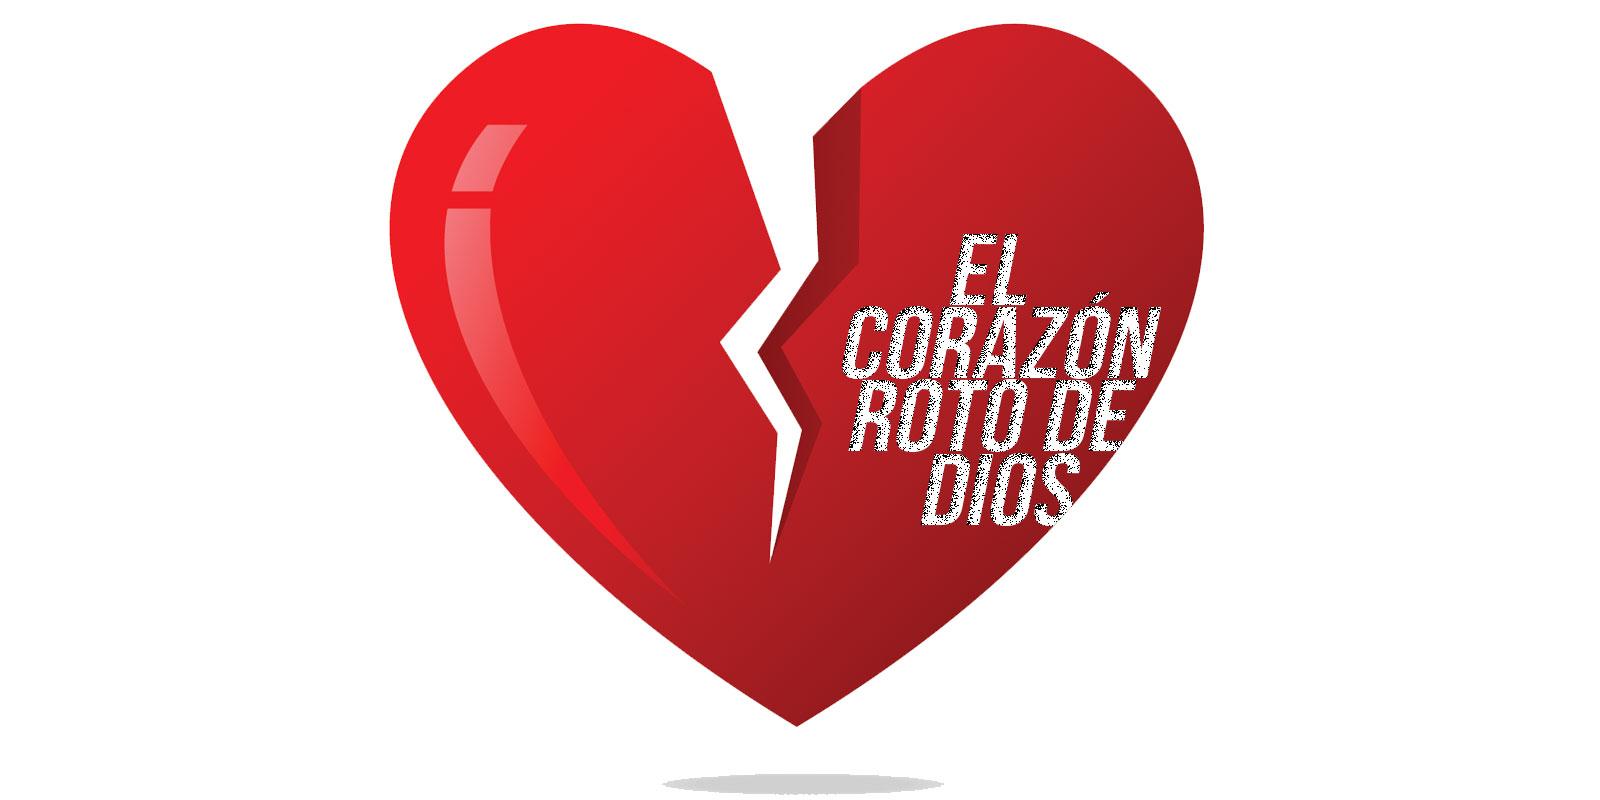 el-corazon-roto-04.07.19 (1).jpg